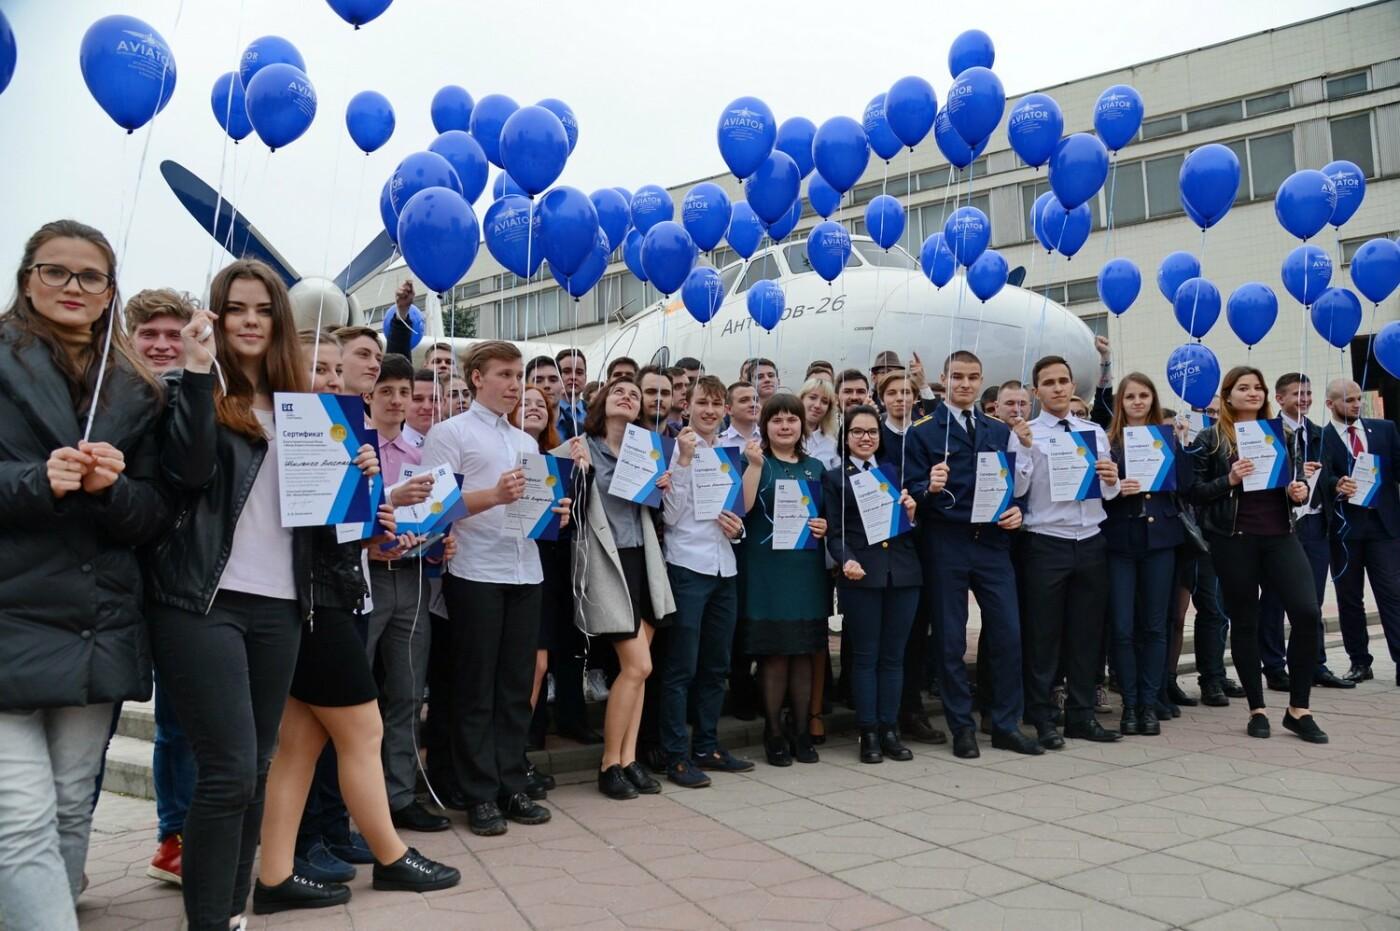 Борис Колесников наградил сотню студентов-авиаторов поездкой на авиафорум Фарнборо в Великобританию  , фото-2